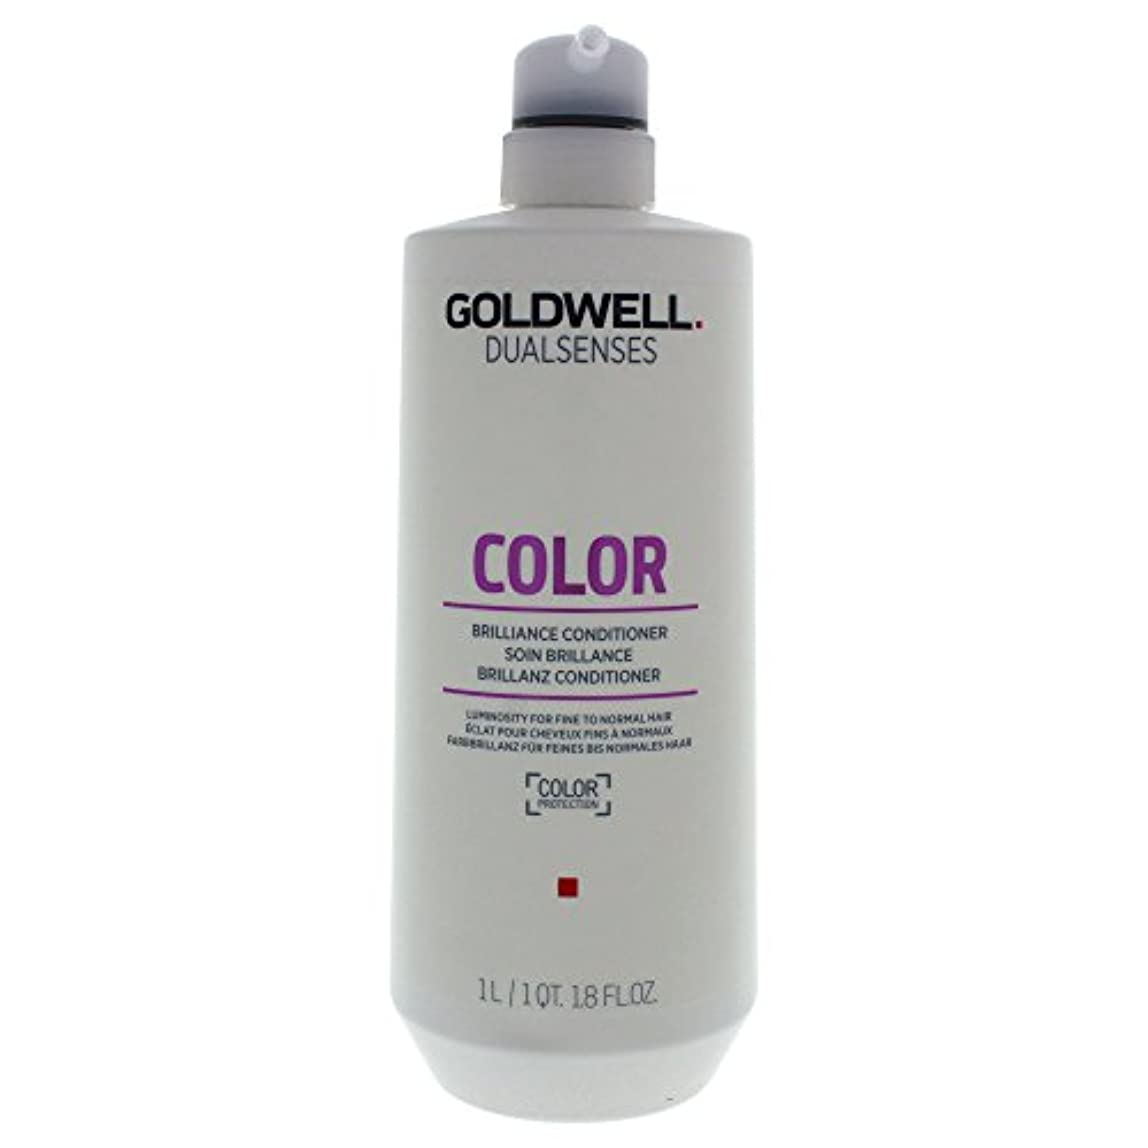 チーター帰する最初はゴールドウェル Dual Senses Color Brilliance Conditioner (Luminosity For Fine to Normal Hair) 1000ml